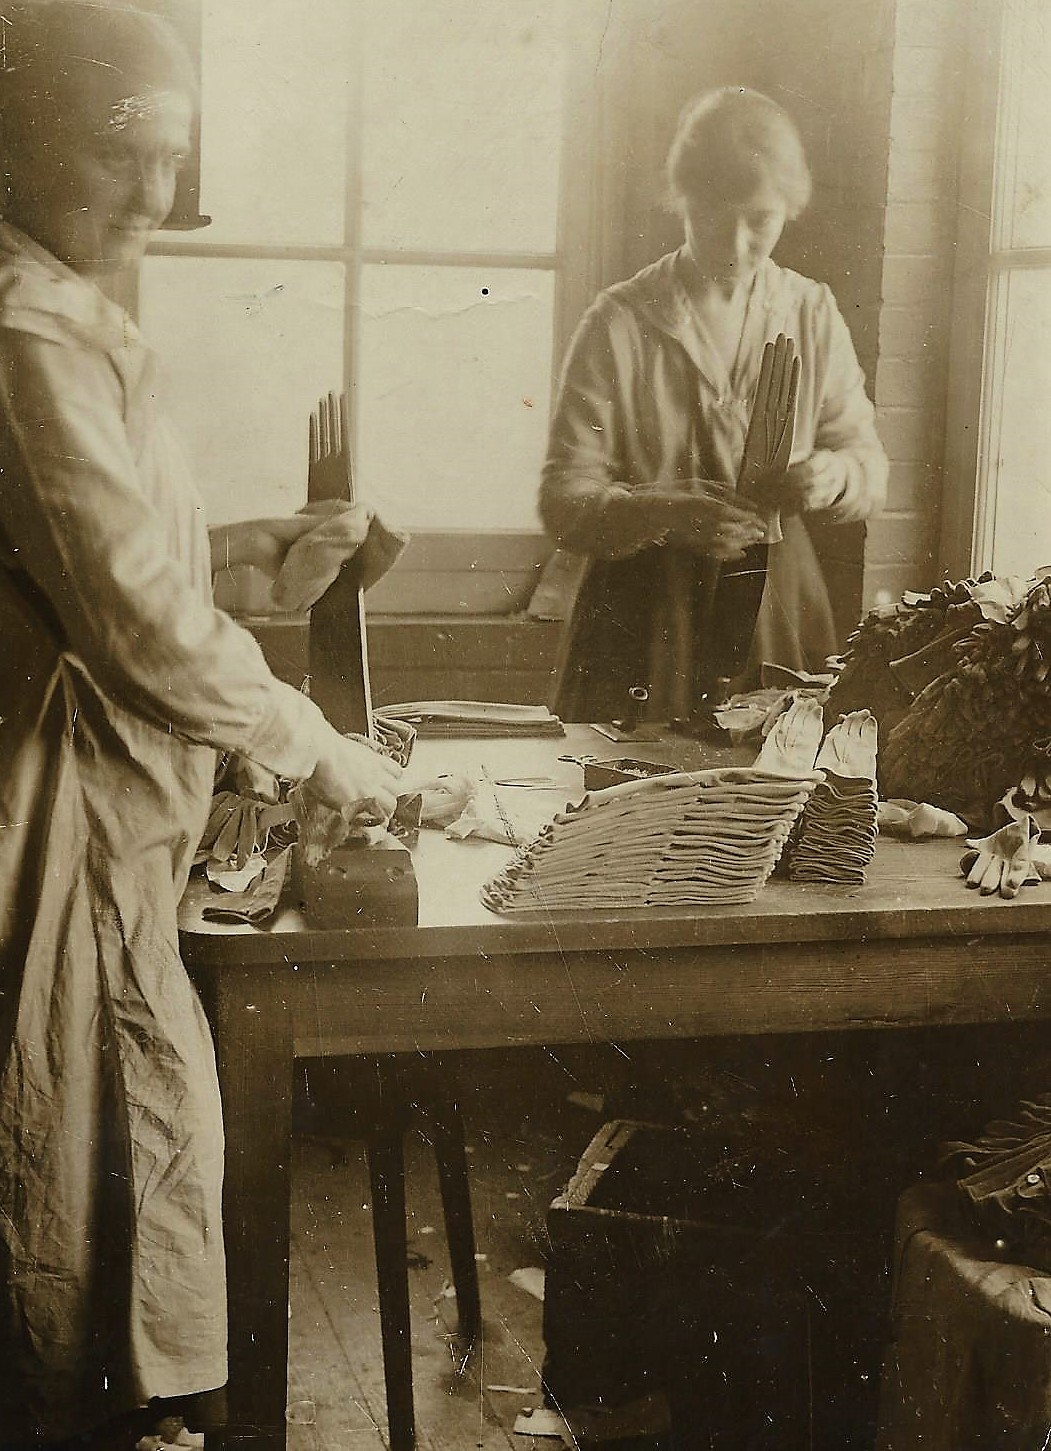 1923 Ironing glove